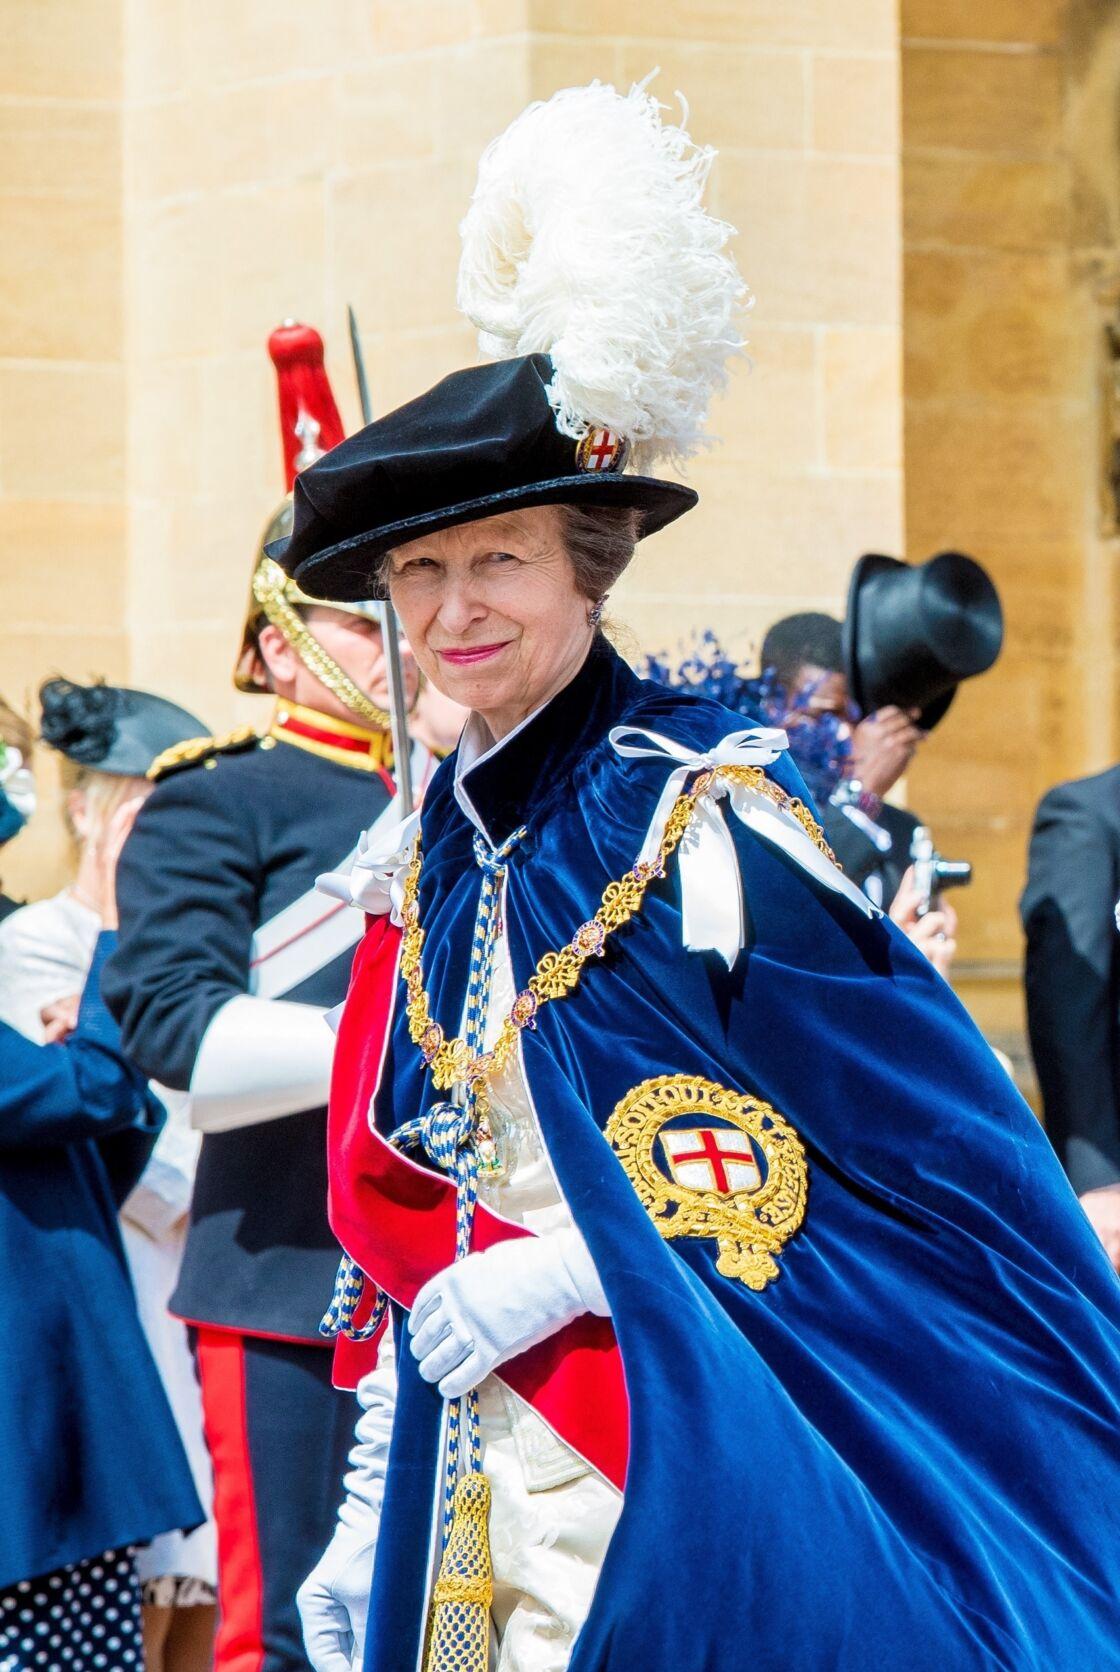 La princesse Anne, fille unique de Sa Majesté Elizabeth II et du prince Philip, soufflera ses 70 bougies le samedi 15 août 2020